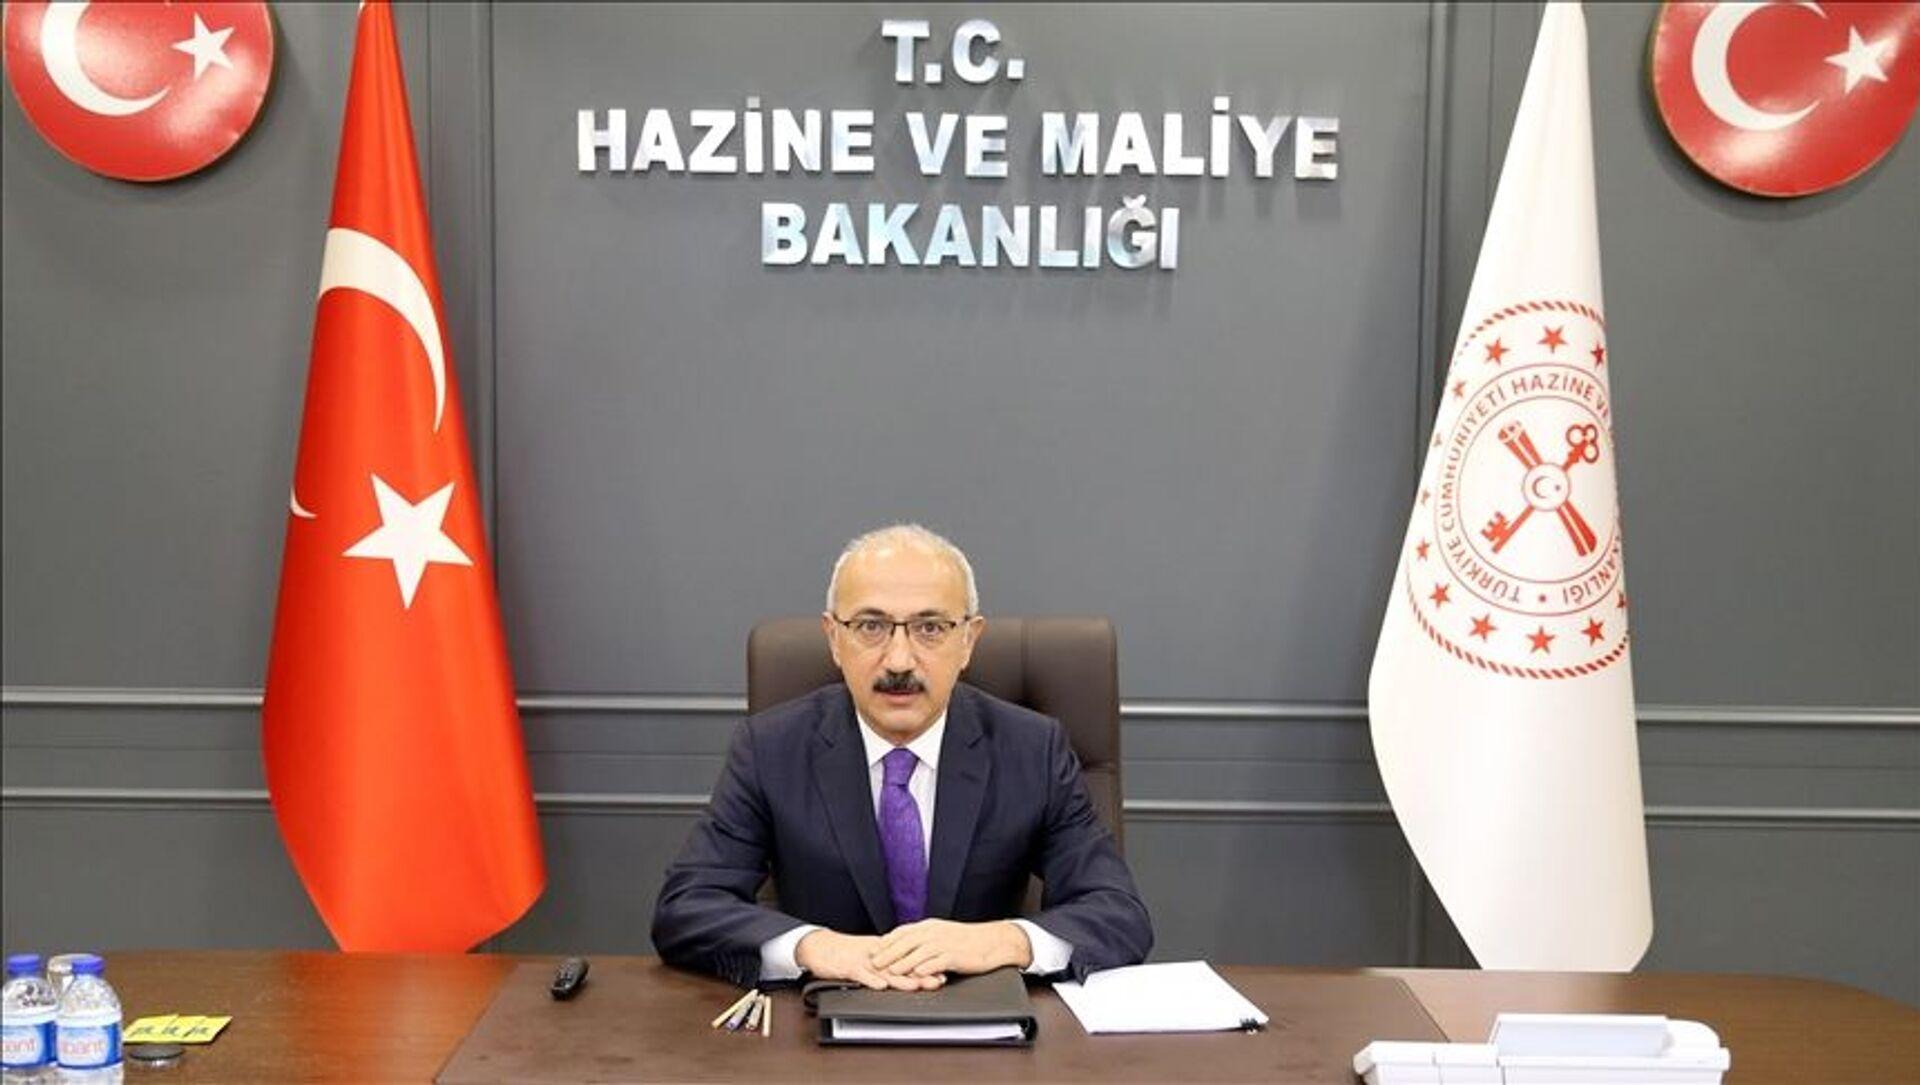 Hazine ve Maliye Bakanı Lütfi Elvan - Sputnik Türkiye, 1920, 29.07.2021